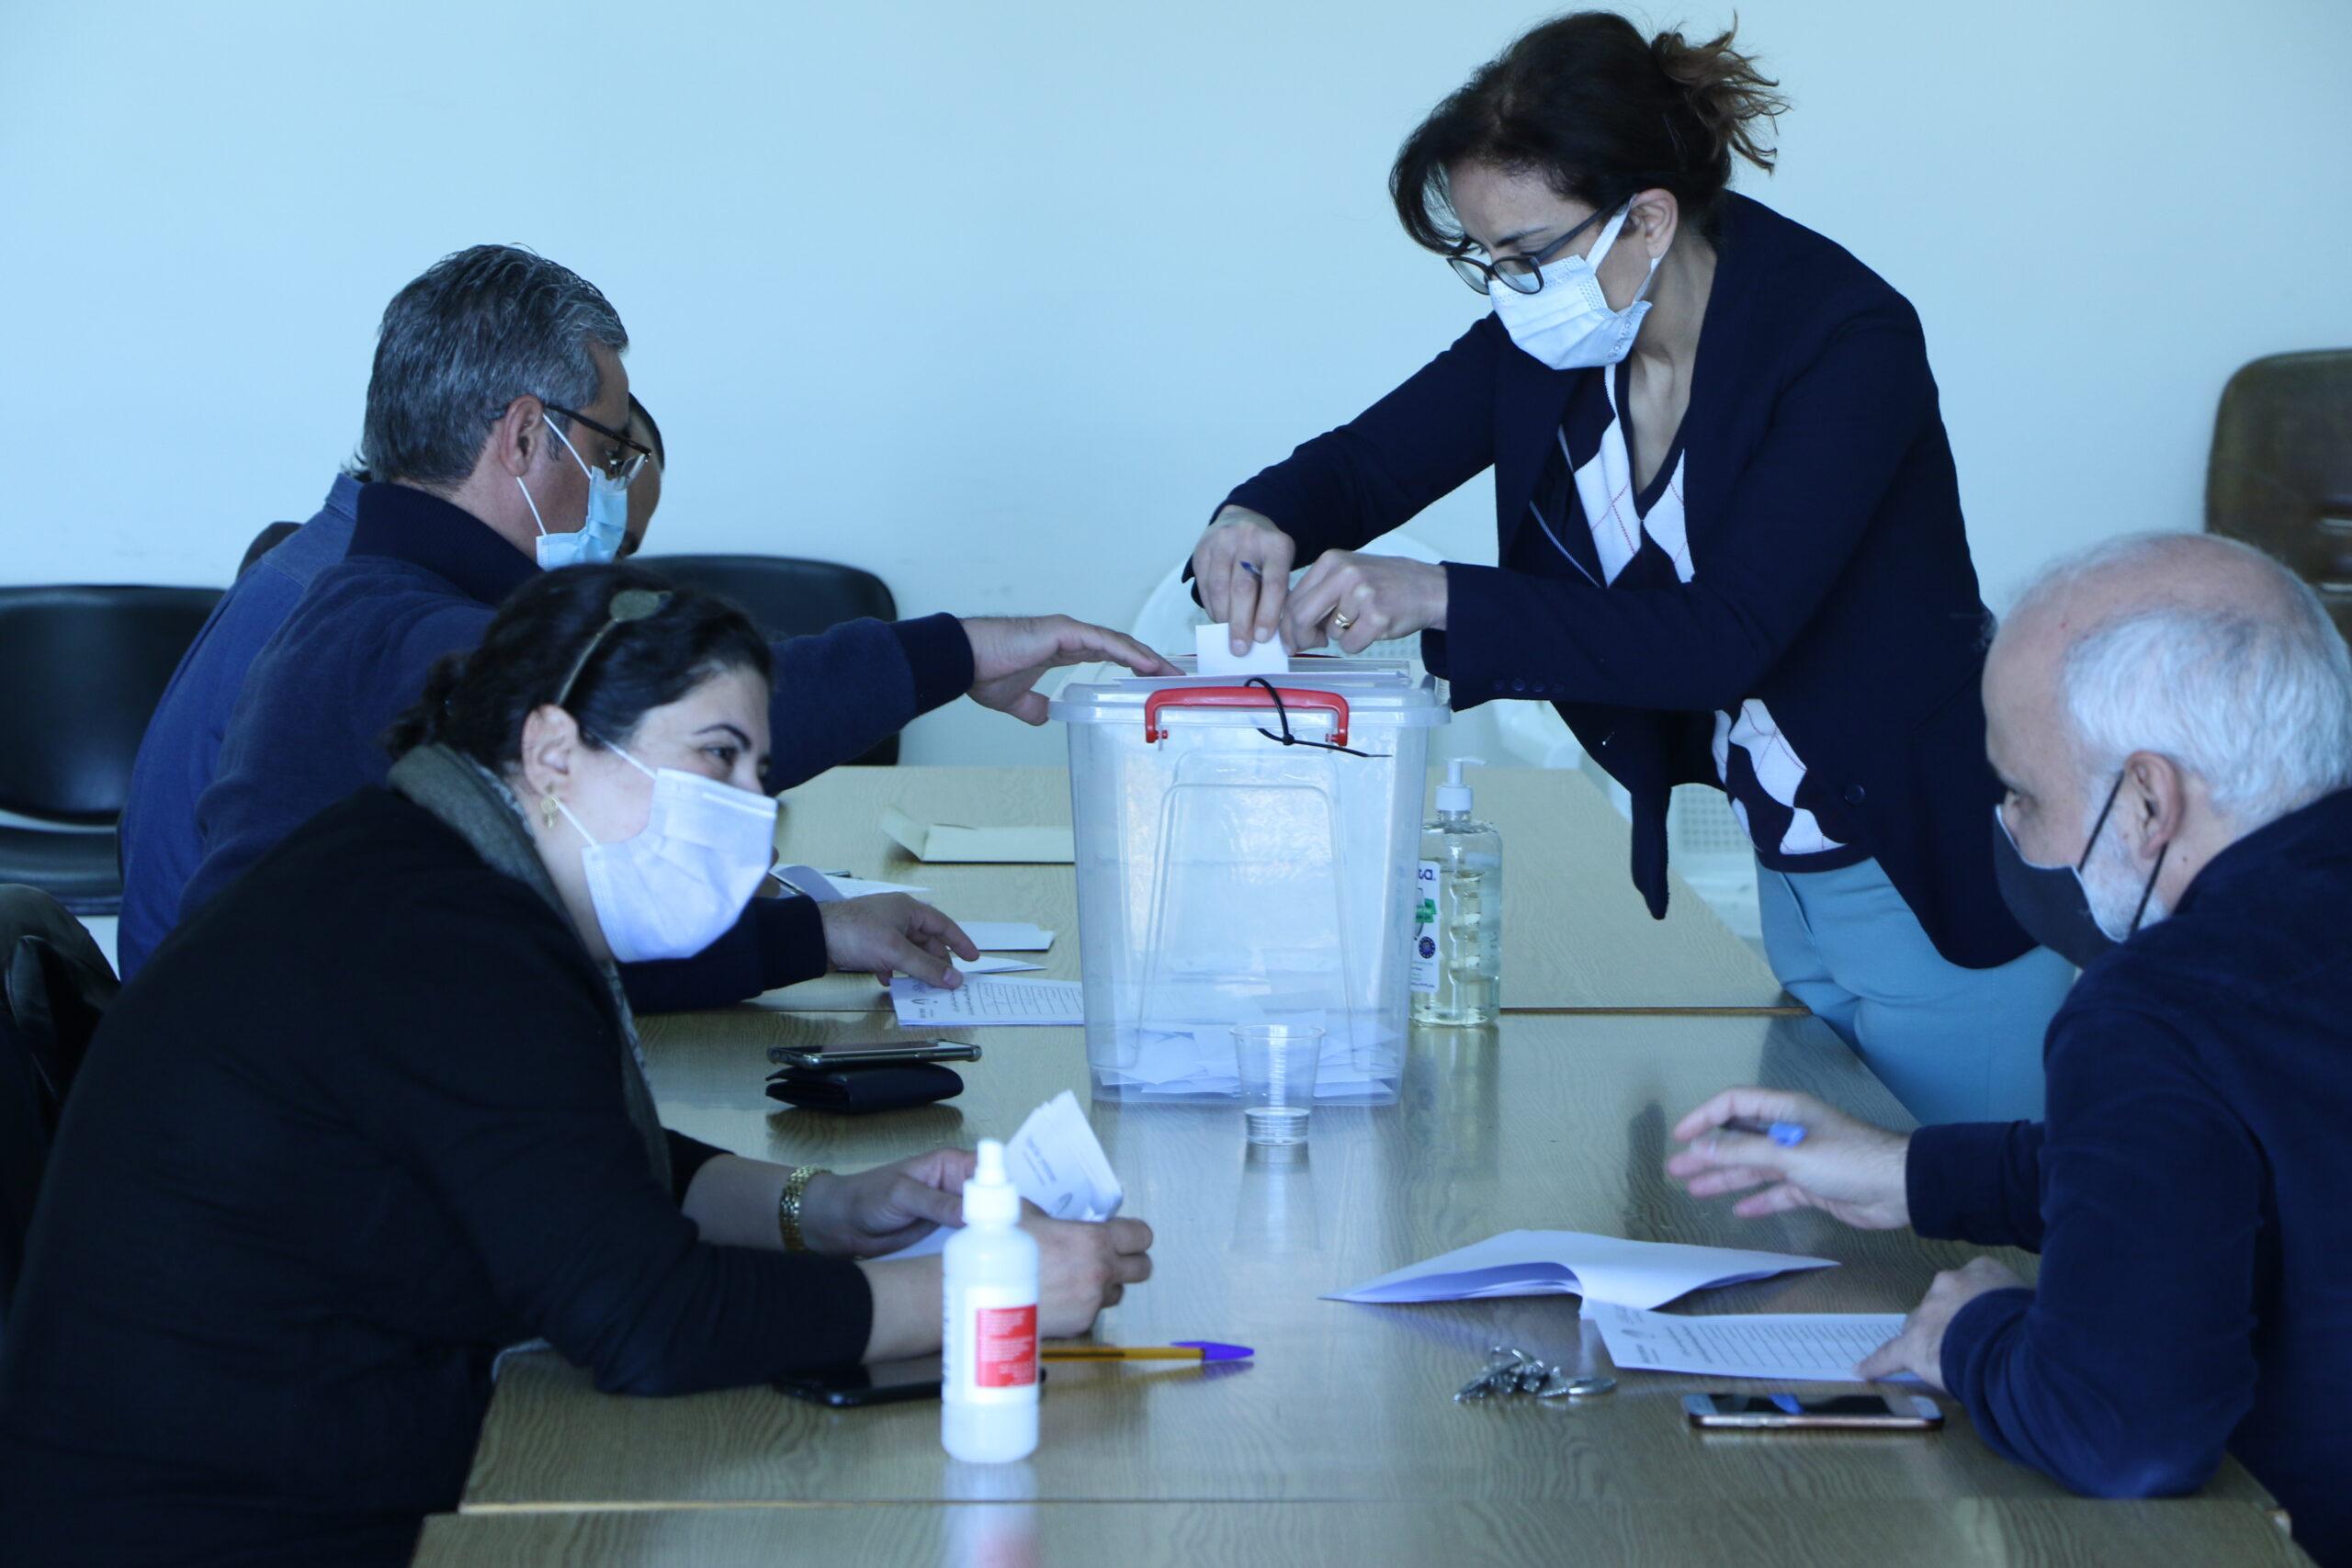 """أحزاب السّلطة تتكاتف لانتزاع المقاعد المتبقّية من مندوبي رابطة """"اللبنانية"""": العين على انتخابات الهيئة التنفيذية"""